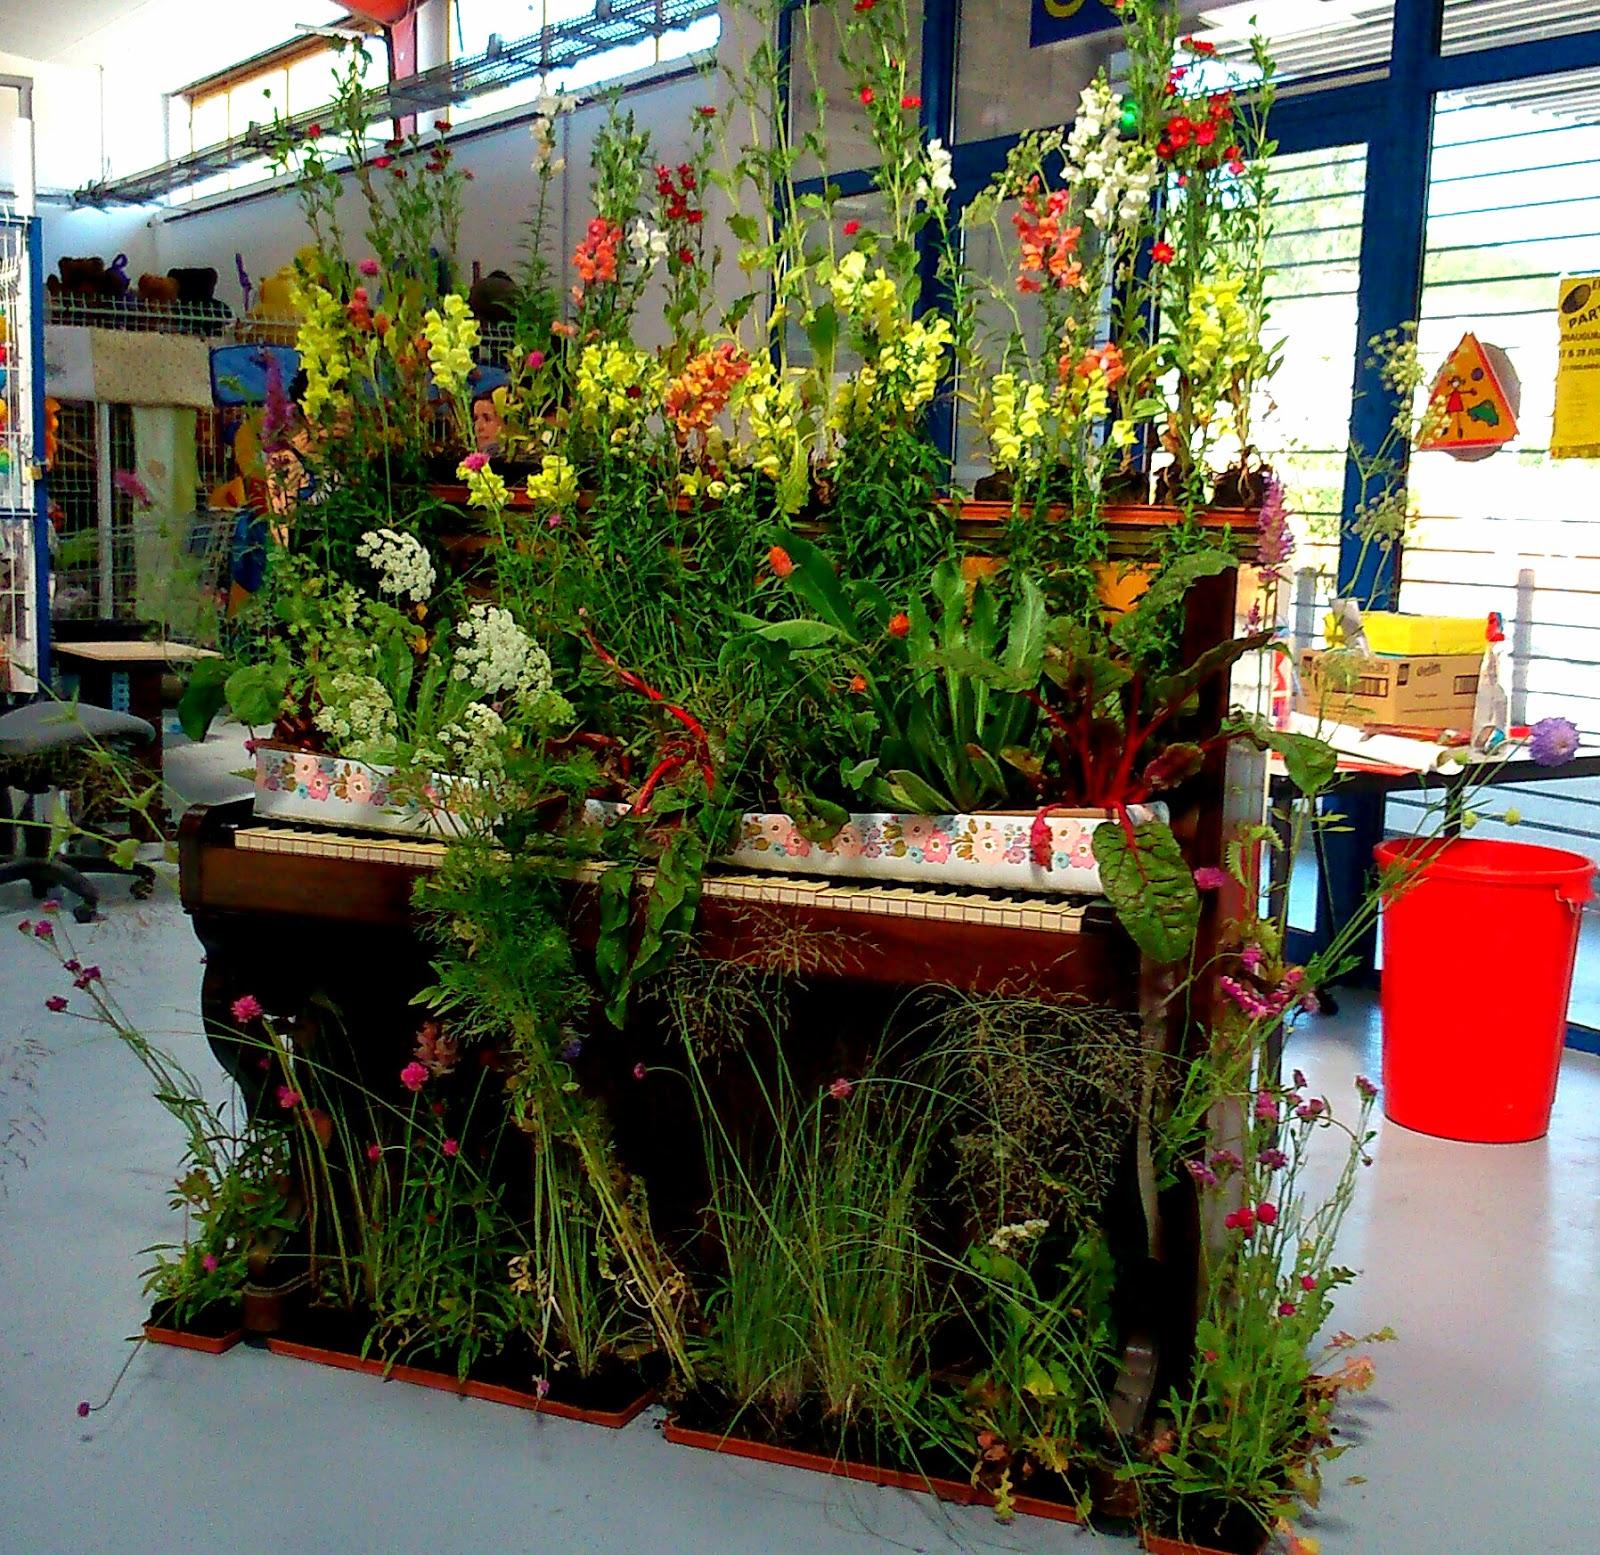 Cahors juin jardins le festival qui cultive l 39 art le for Cahors jardin juin 2015